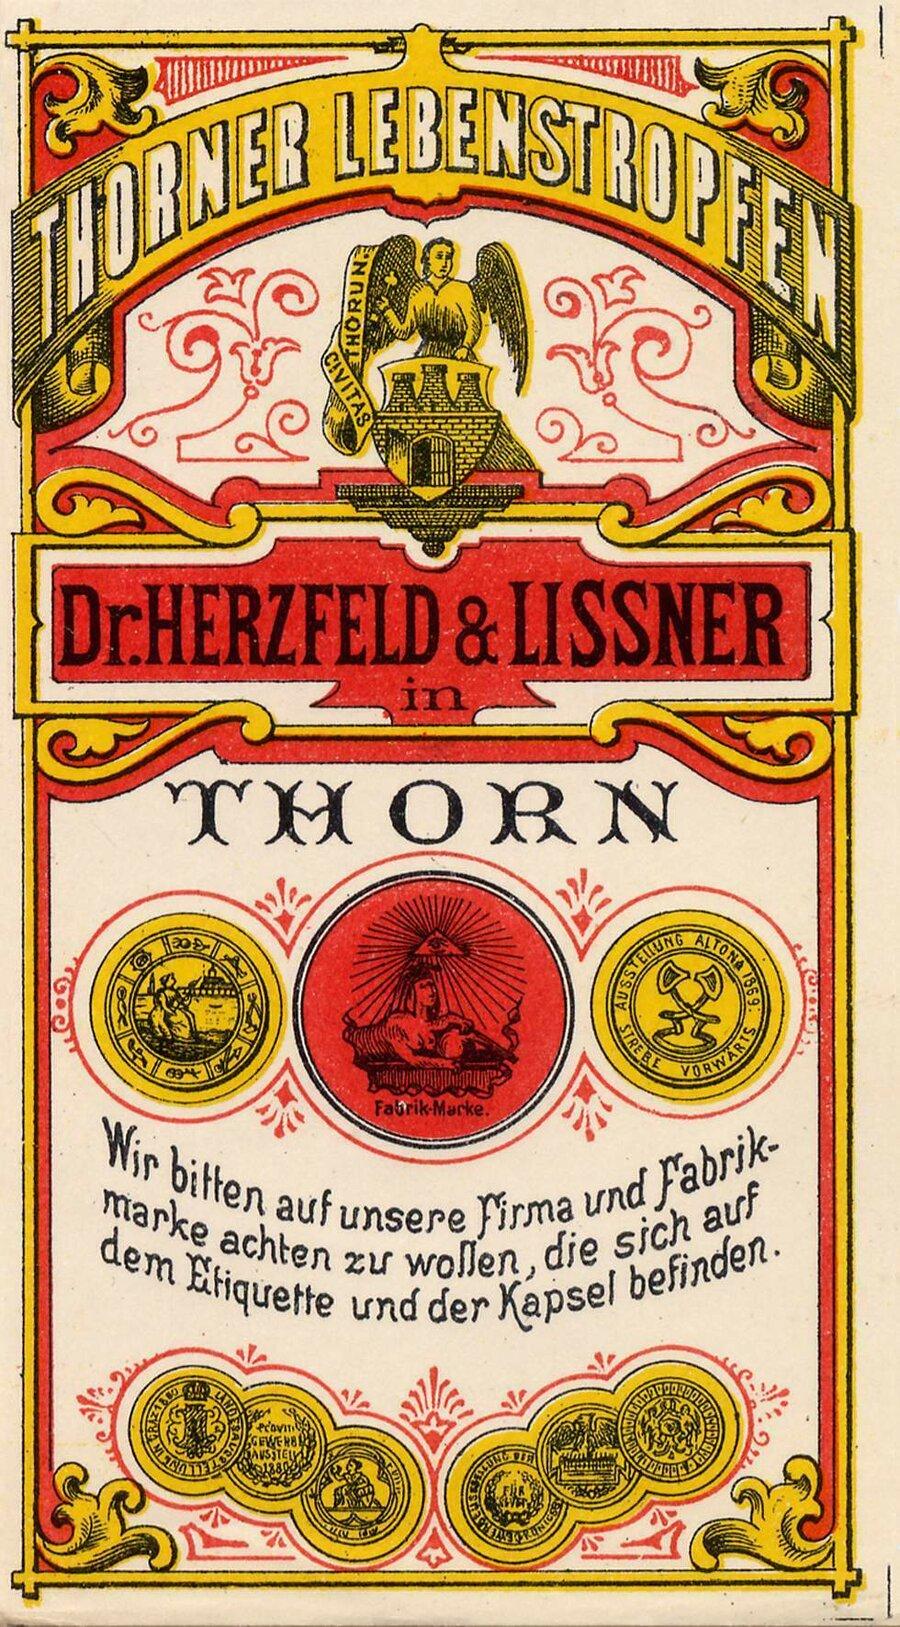 Etikett Thorner Lebenstropfen Vorderseite, ©Stephan Becker, Brüssow